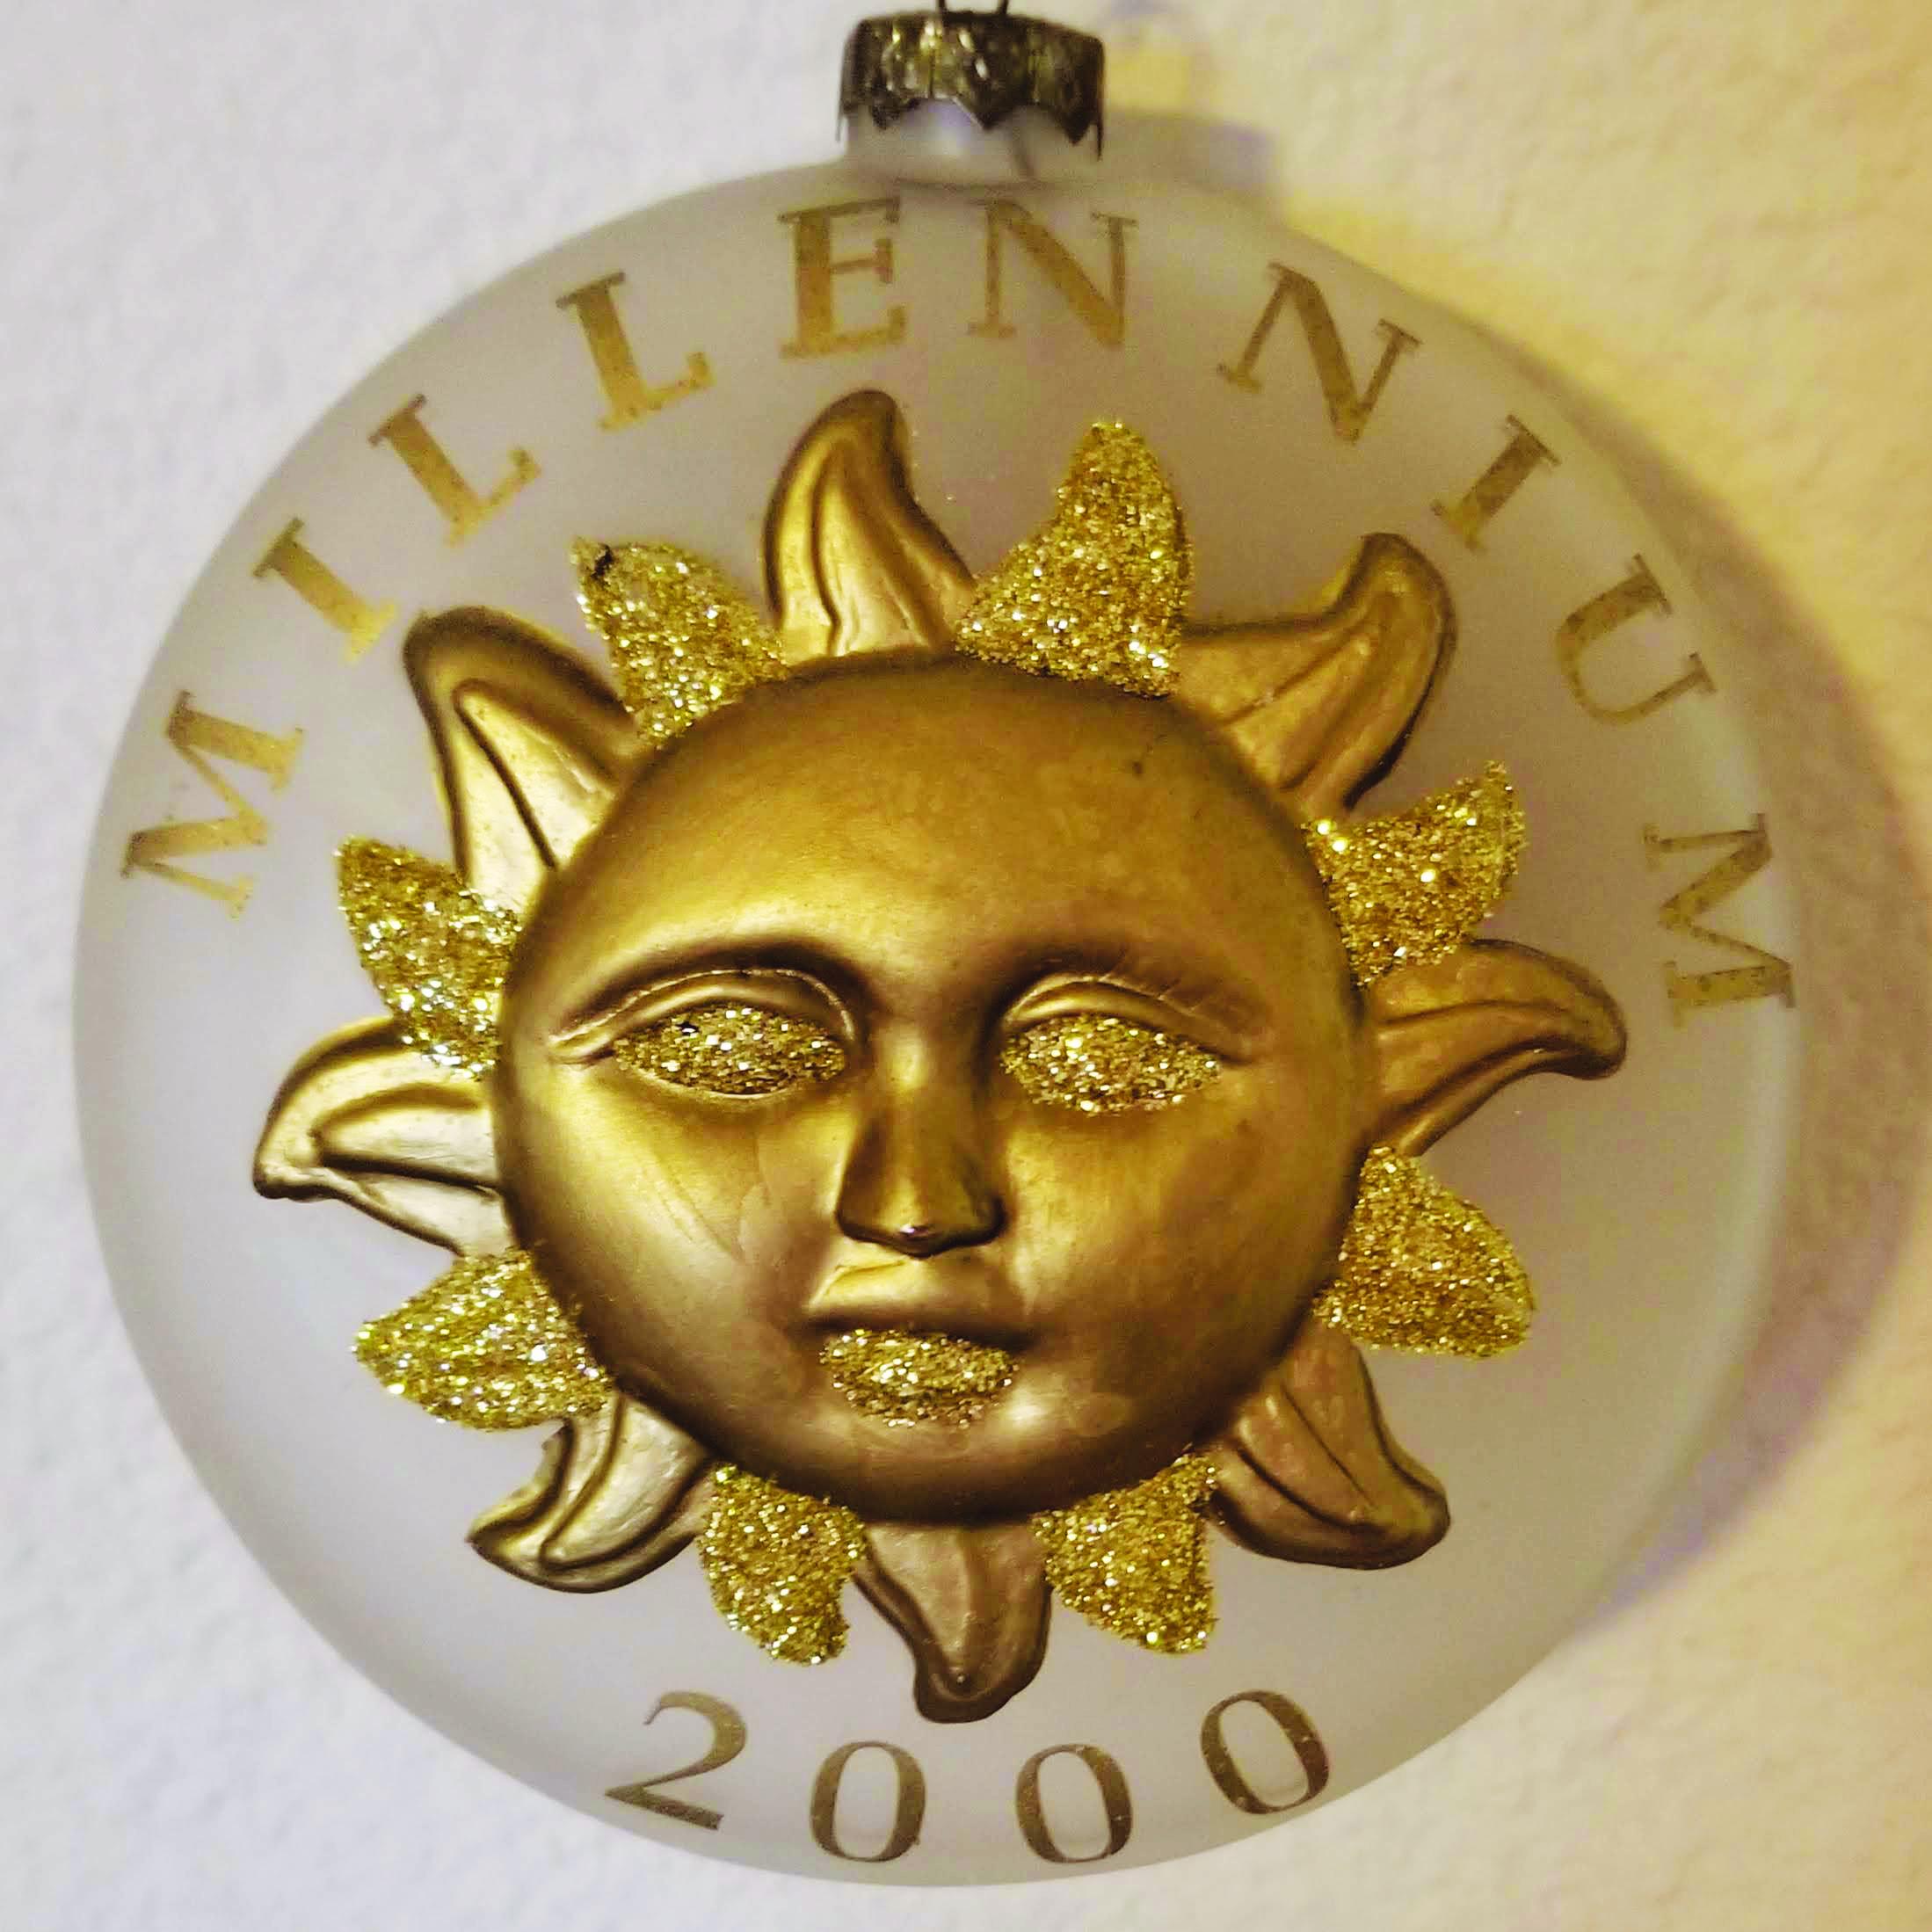 9783d446-millenium